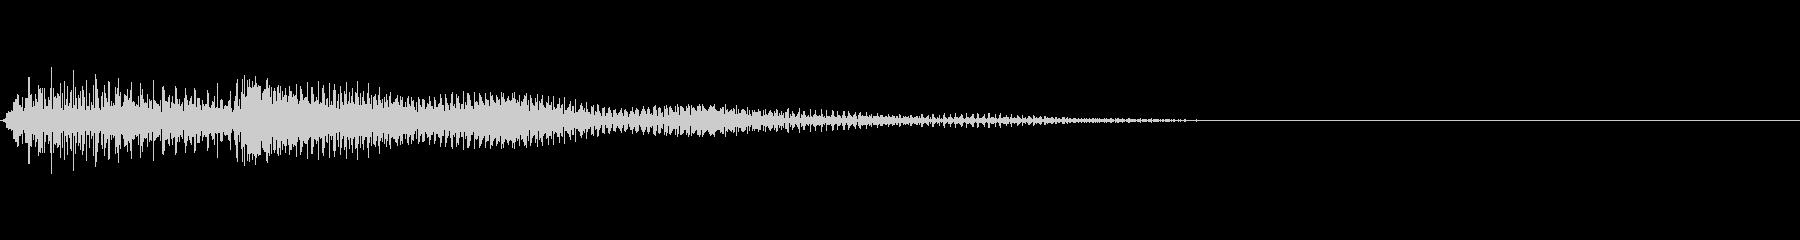 決定・アイテム取得・選択音・ドゥウィンの未再生の波形